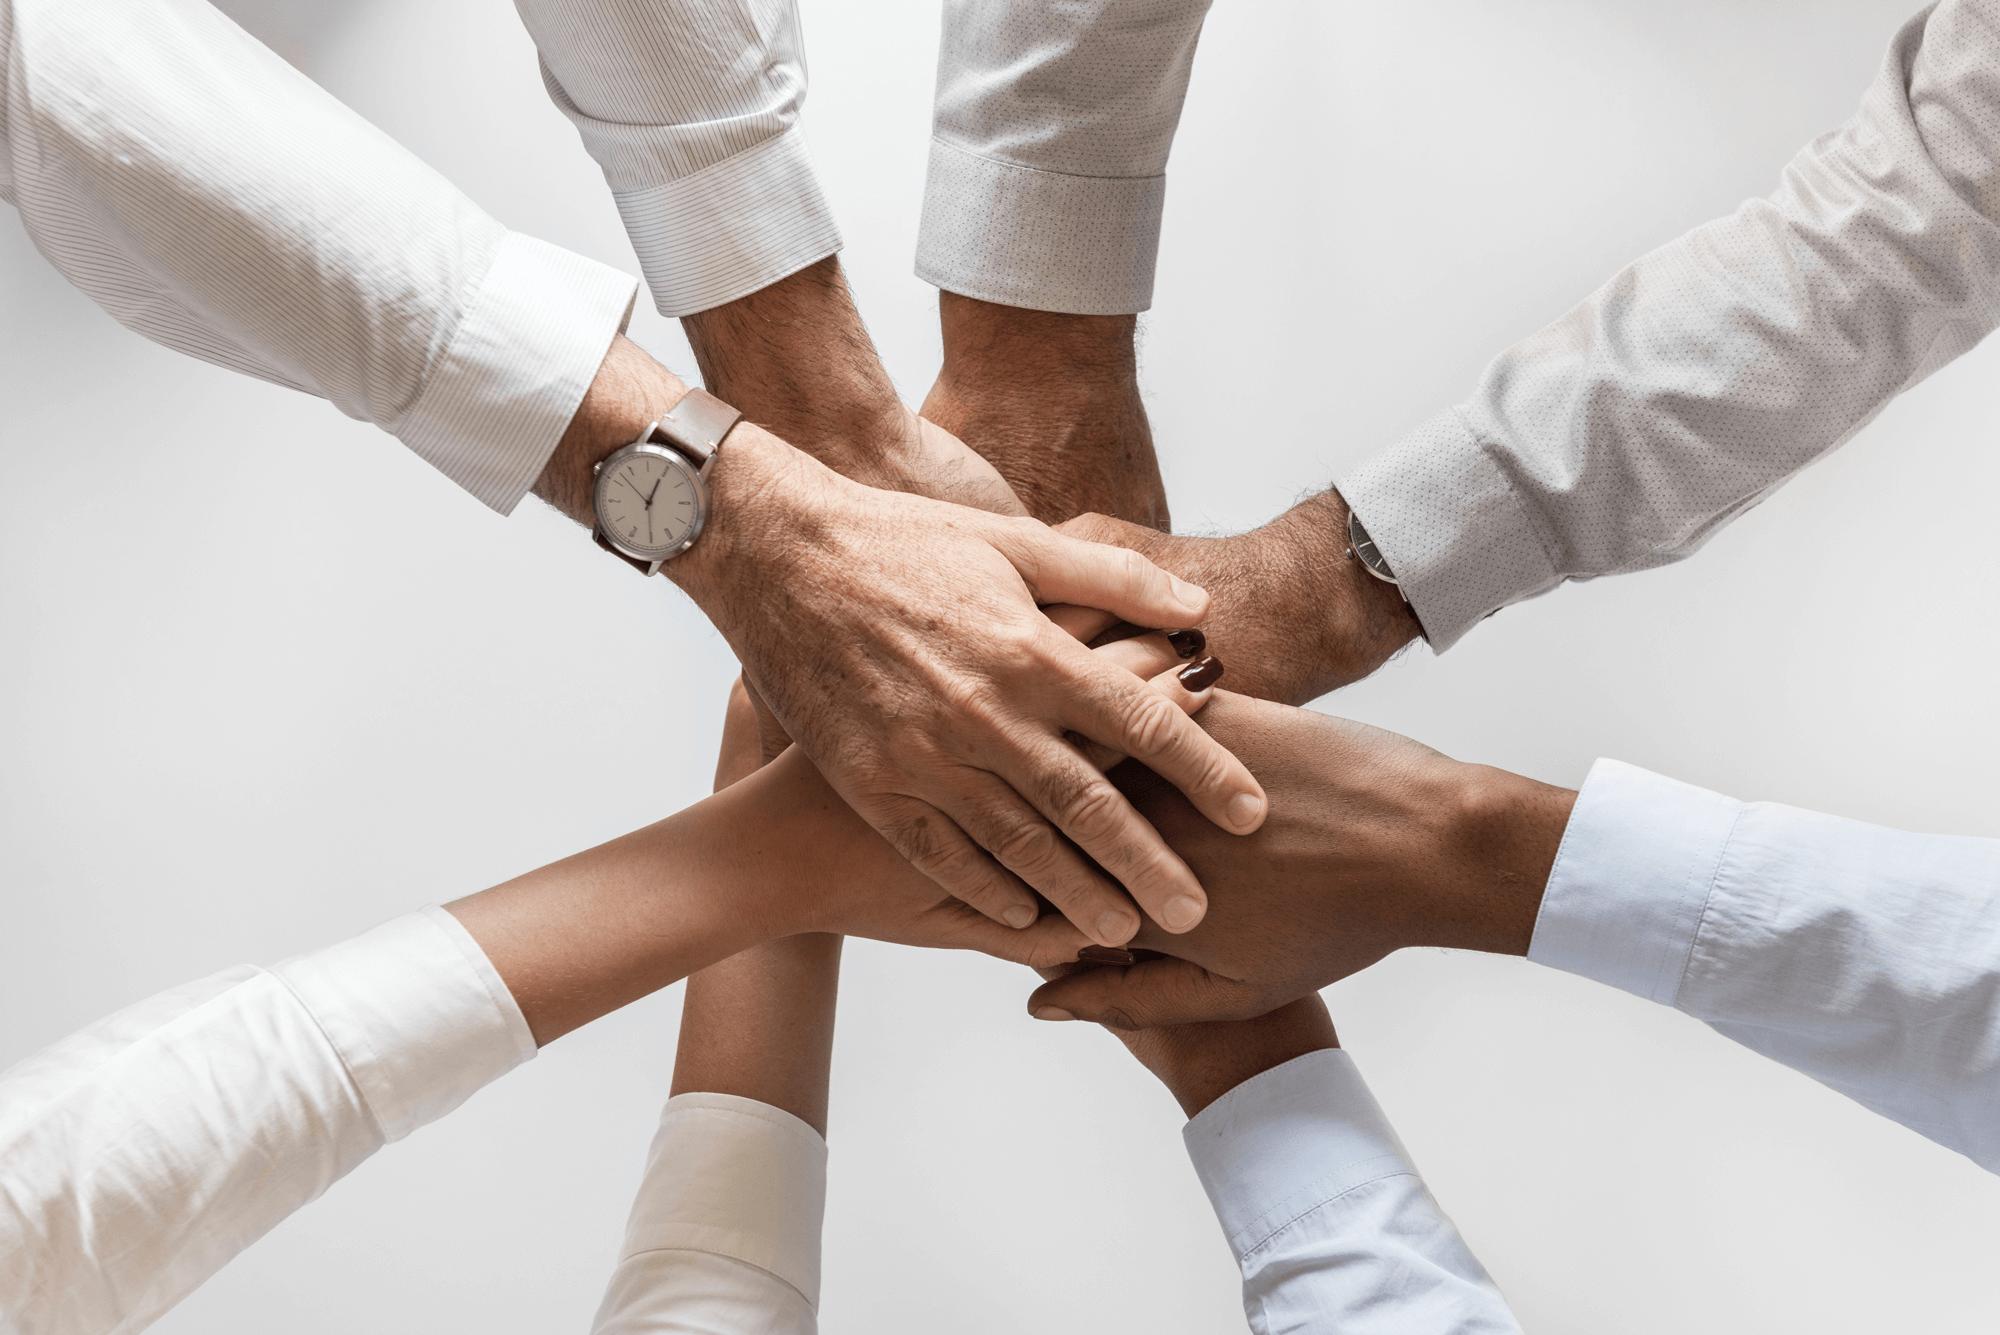 comunicação no trabalho ajuda na união do time